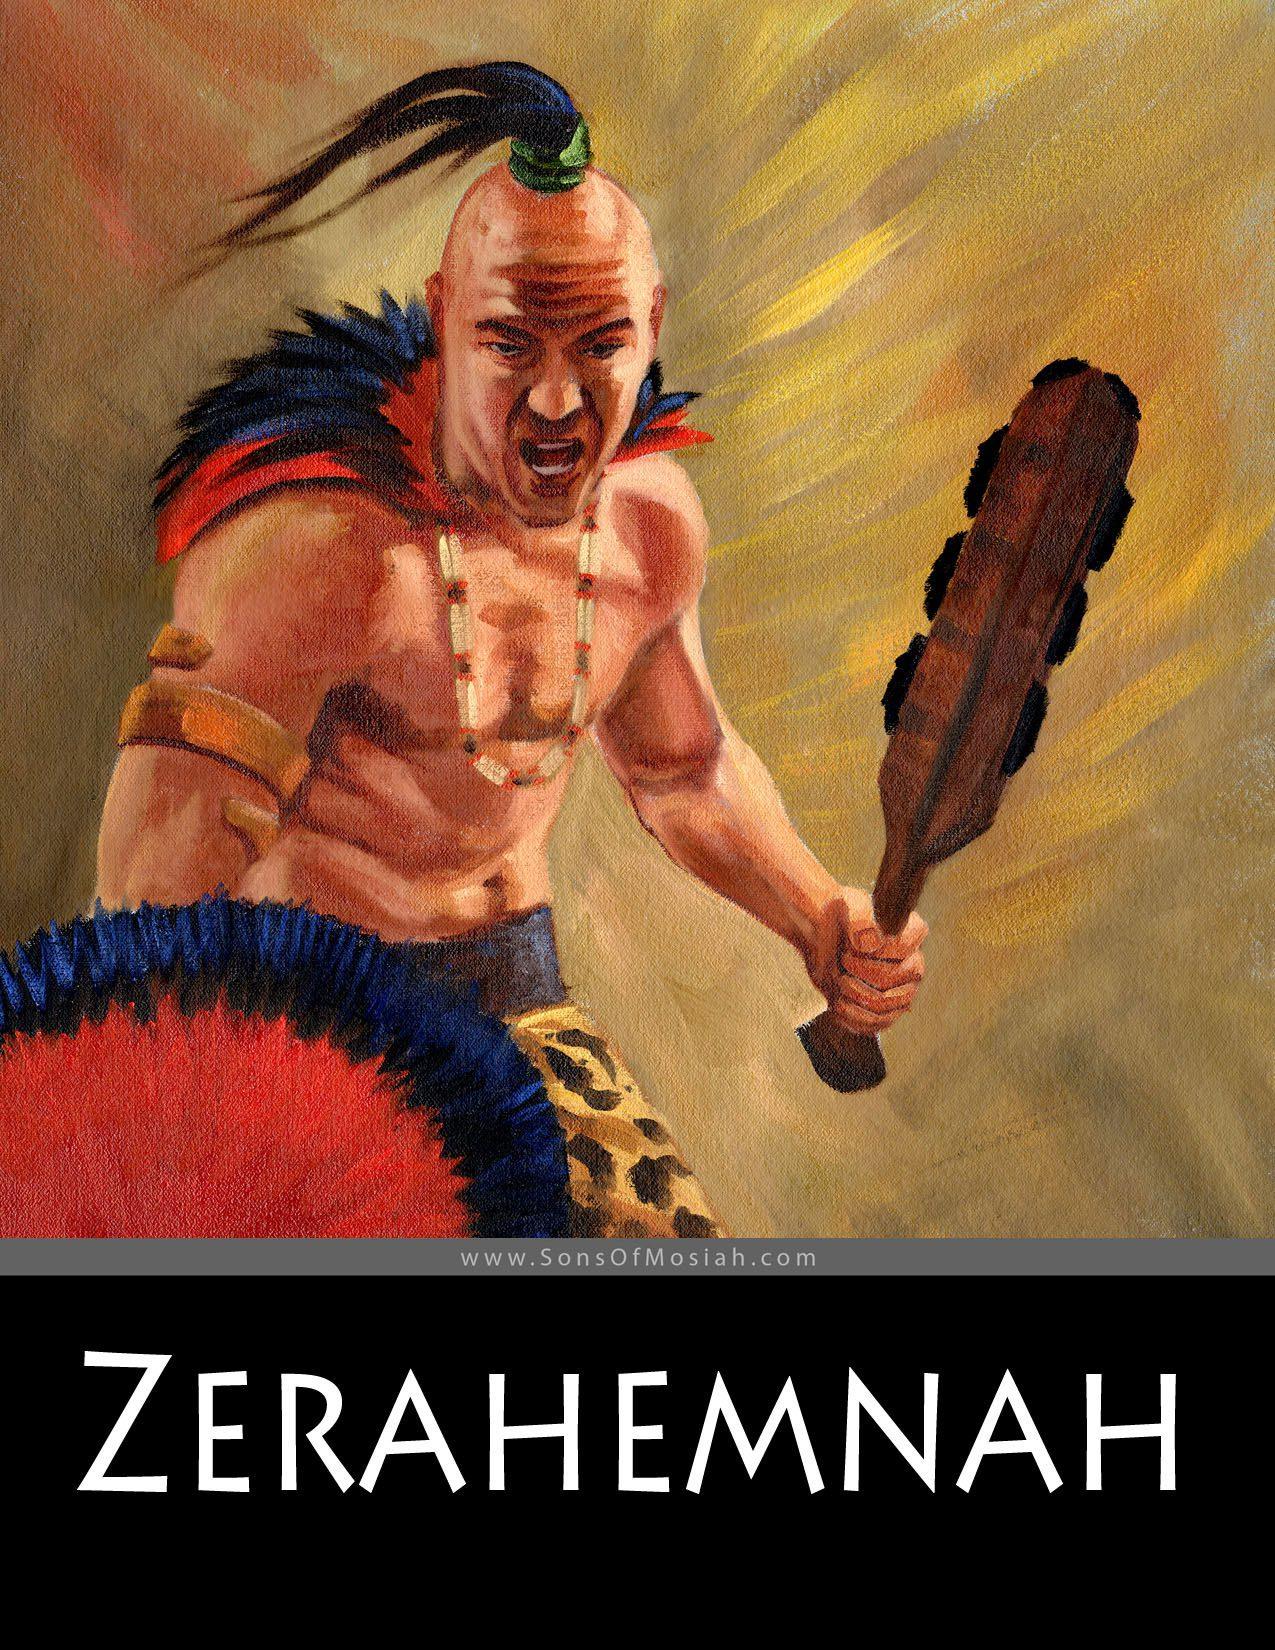 Zerahemnah